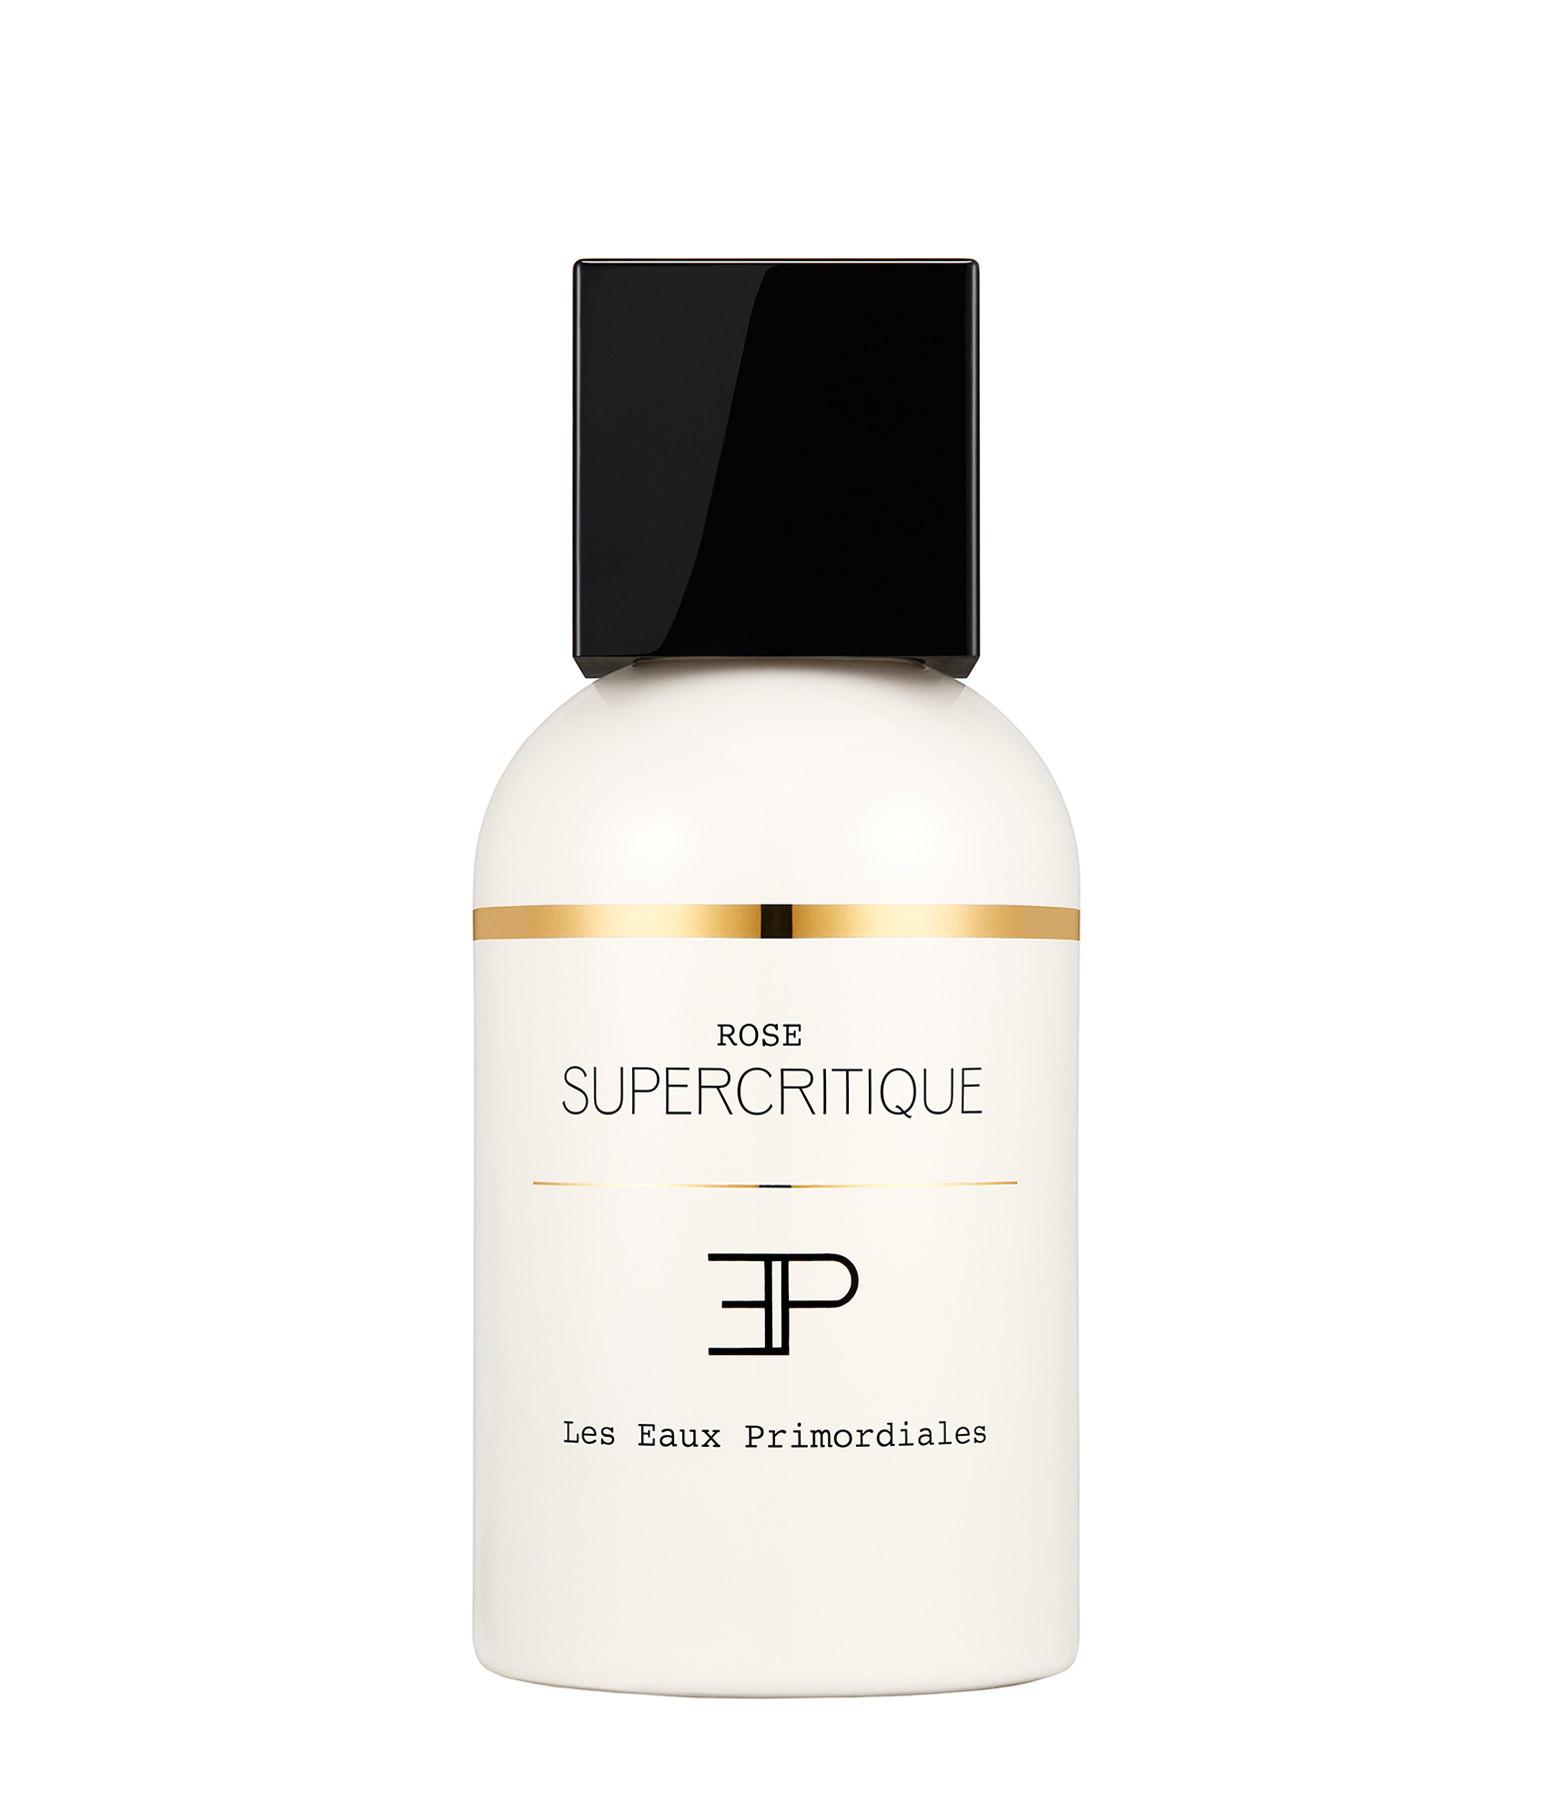 LES EAUX PRIMORDIALES - Eau de Parfum Supercritique Rose 100 ml